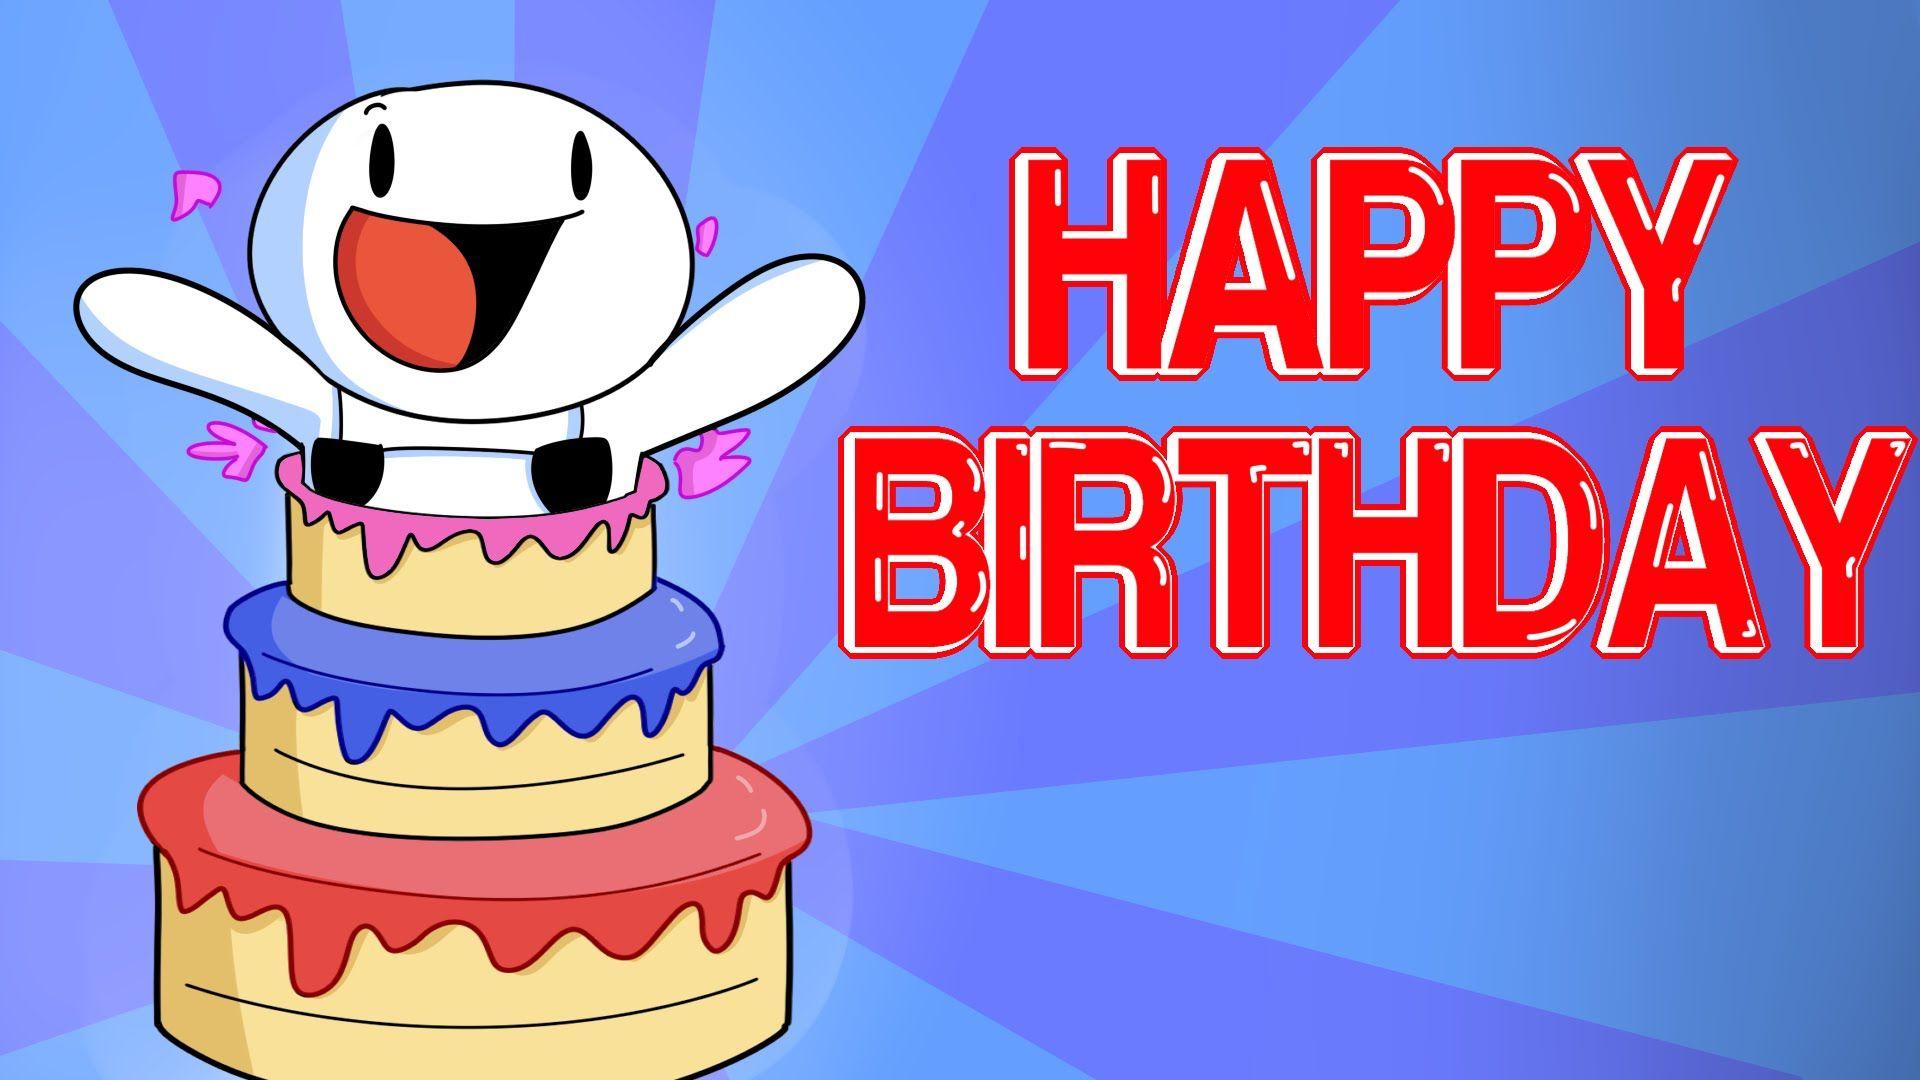 Happy Birthday Miranda Happy birthday, Jaiden animations